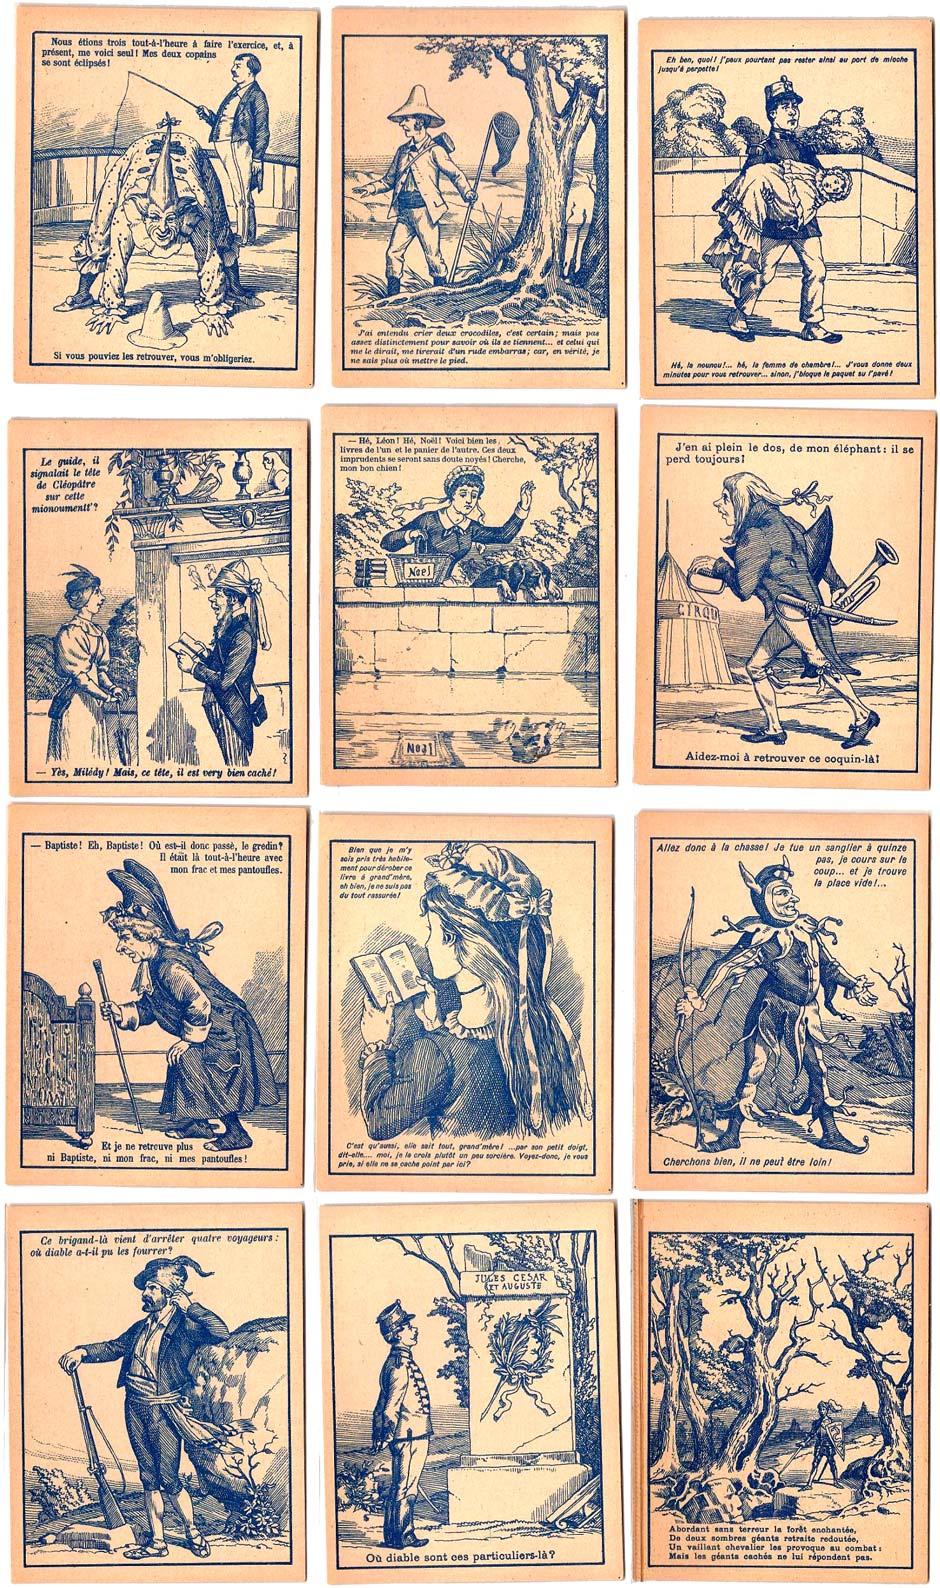 Imagerie Pellerin's Cartes Questions-Devinettes